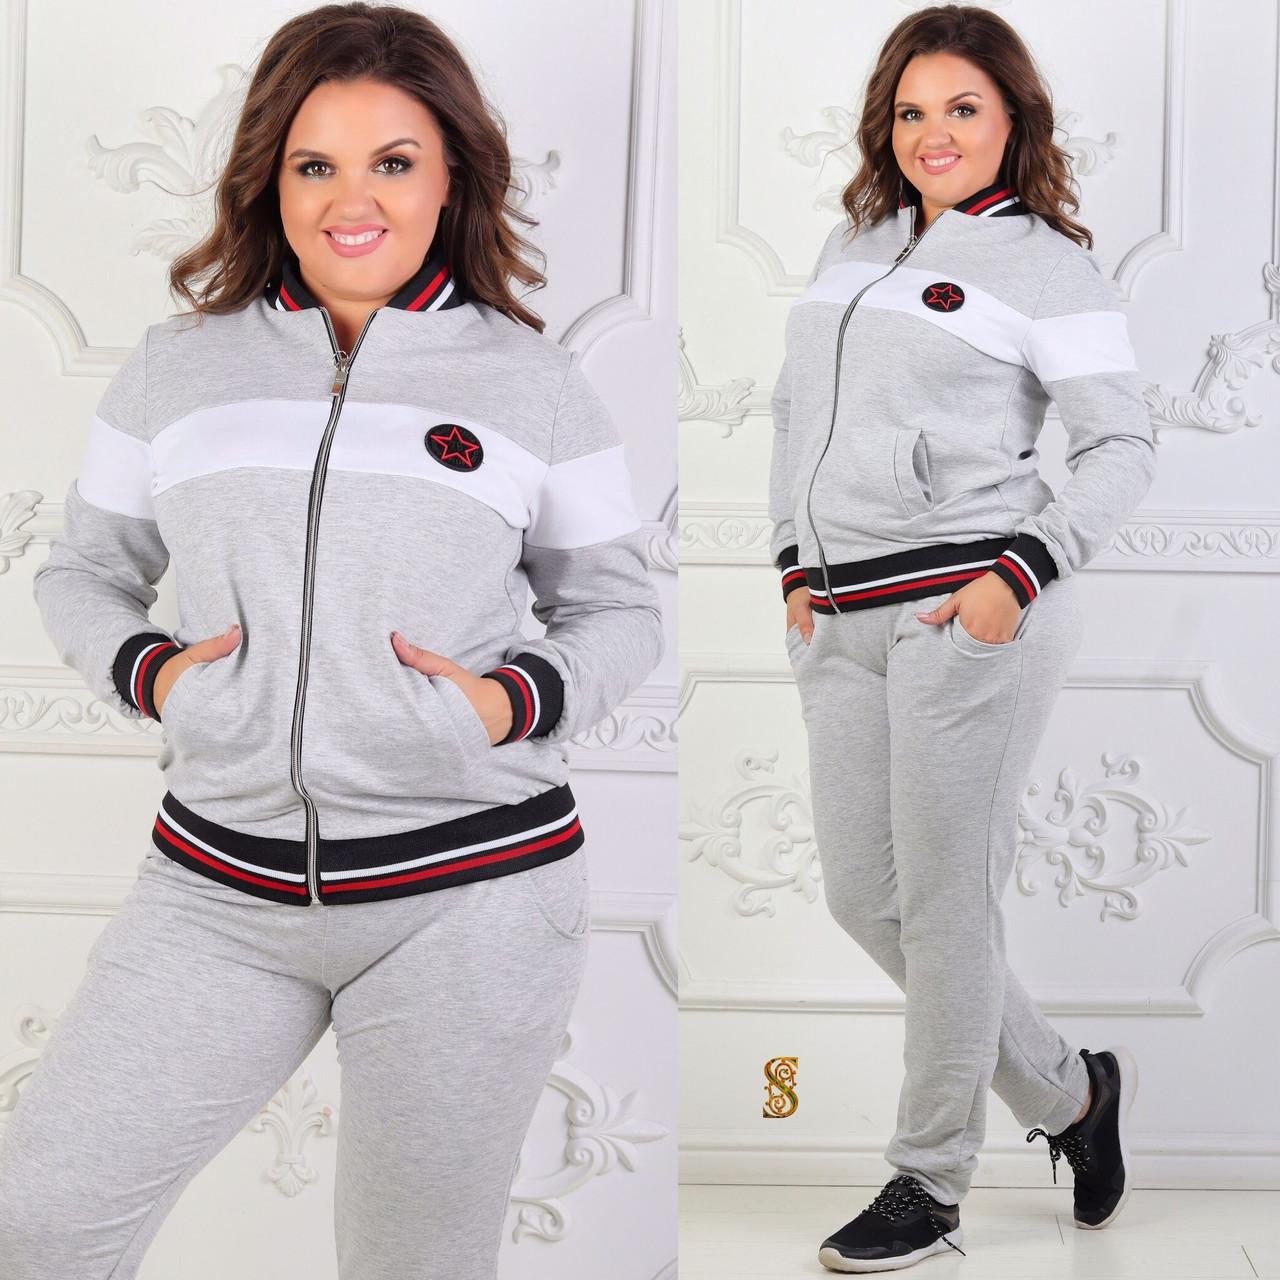 Женский трикотажный спортивный костюм: кофта бомбер и штаны, батал большие размеры